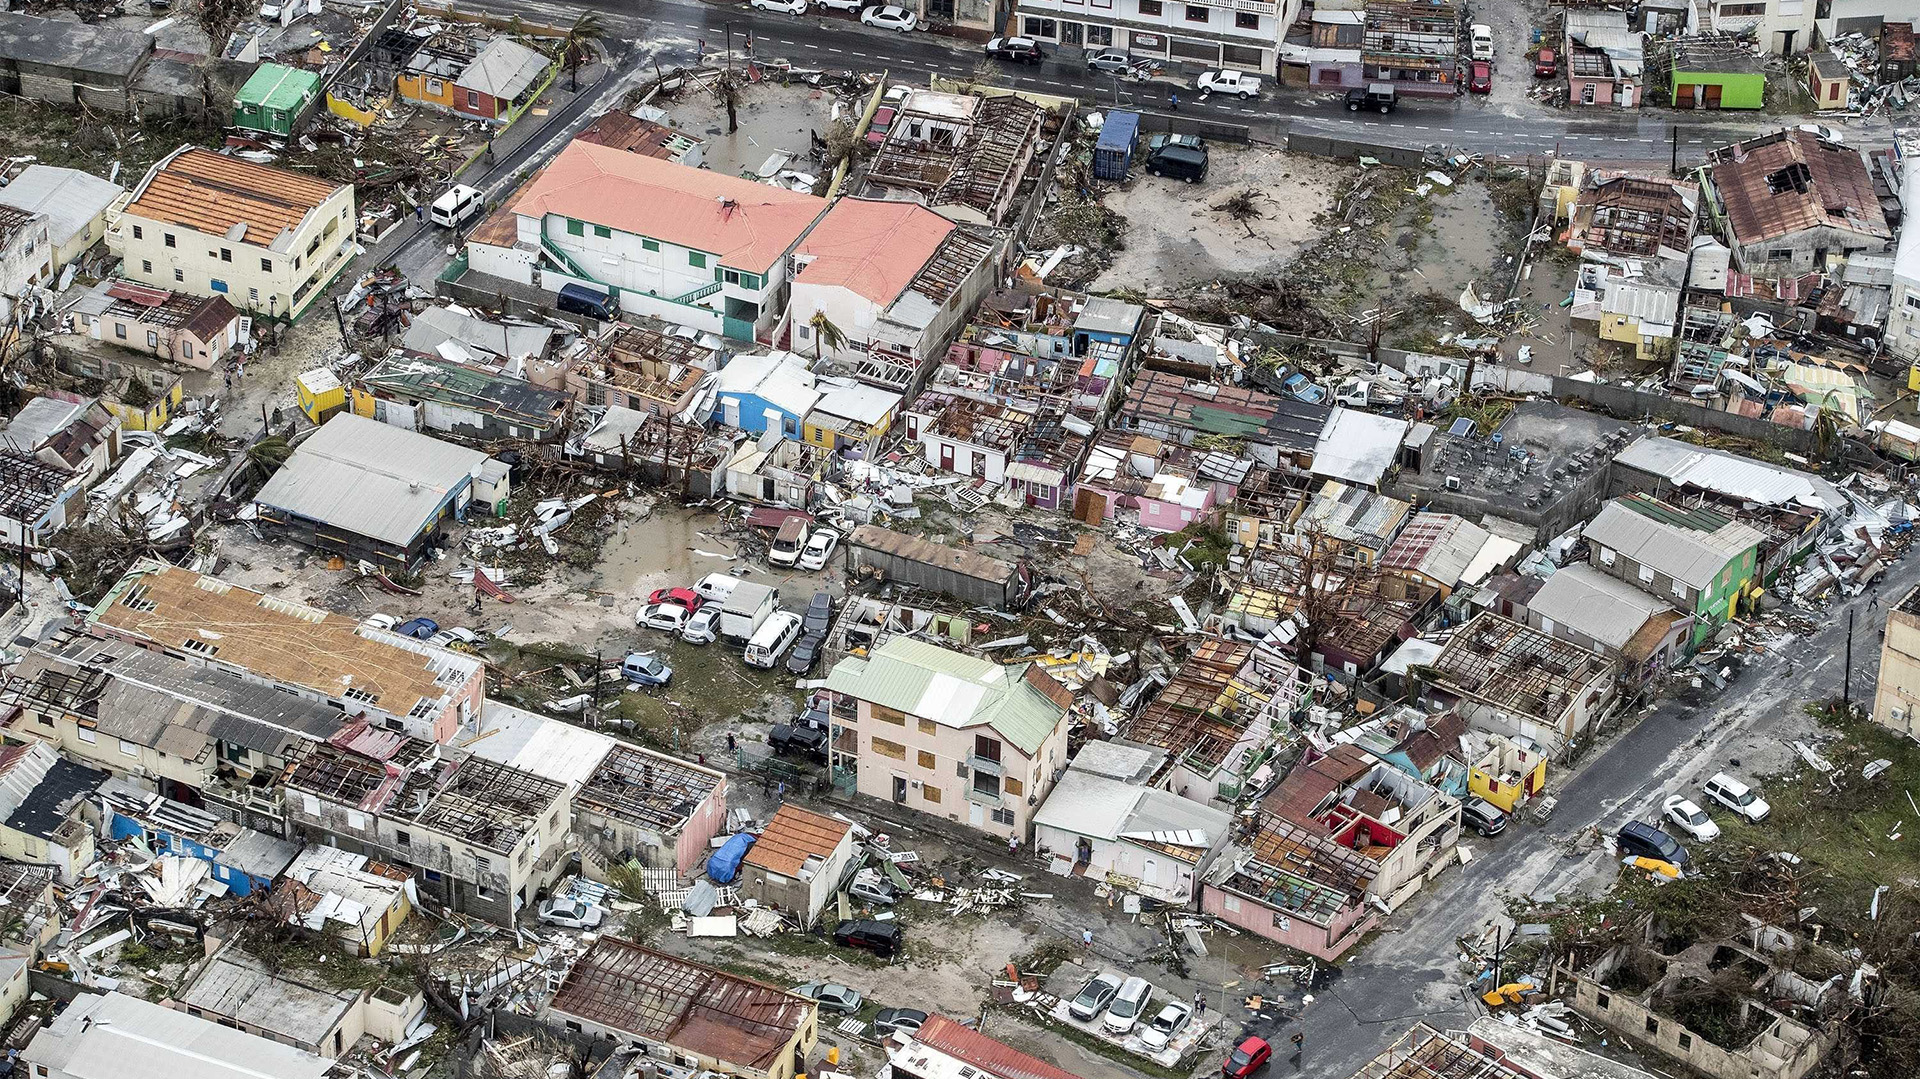 Fotografía facilitada por el Departamento de Defensa de Holanda, que muestra una vista aérea de los daños causados por el huracán Irma a su paso por Philipsburg, en la isla de St. Martin (EFE)